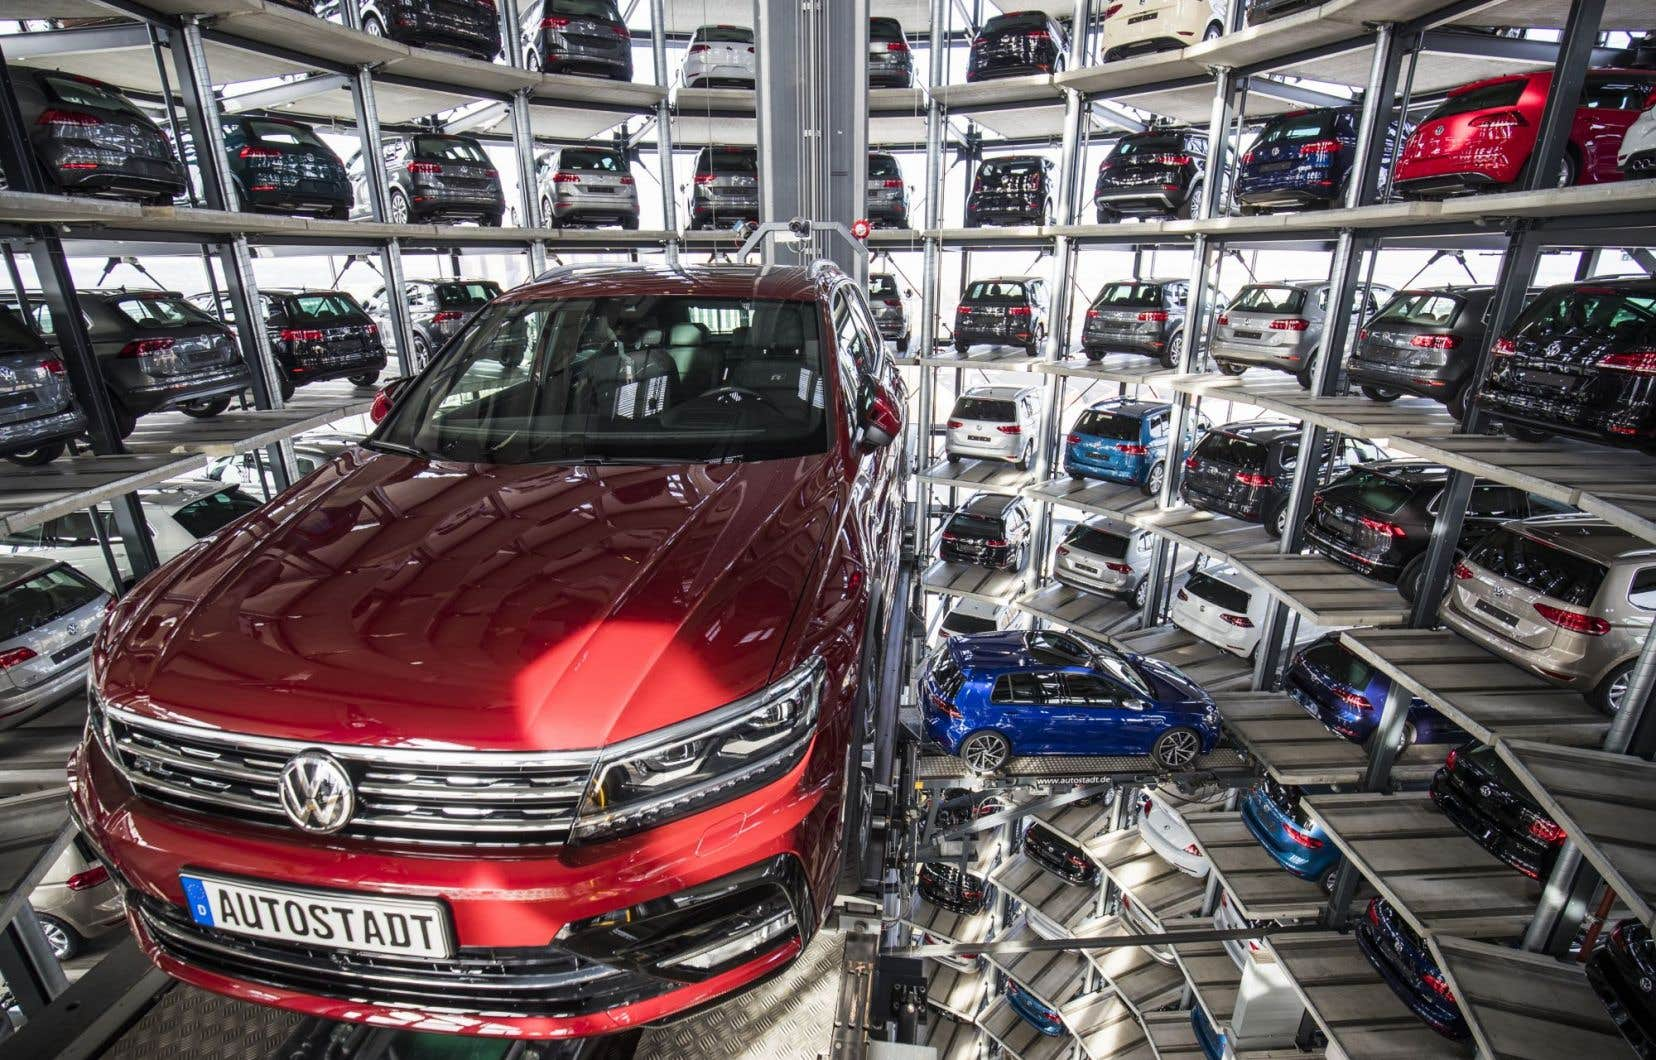 Les voitures VW seront proposées à la vente à partir du mois d'août, par huit concessionnaires essentiellement concentrés dans ou autour de la capitale Téhéran.